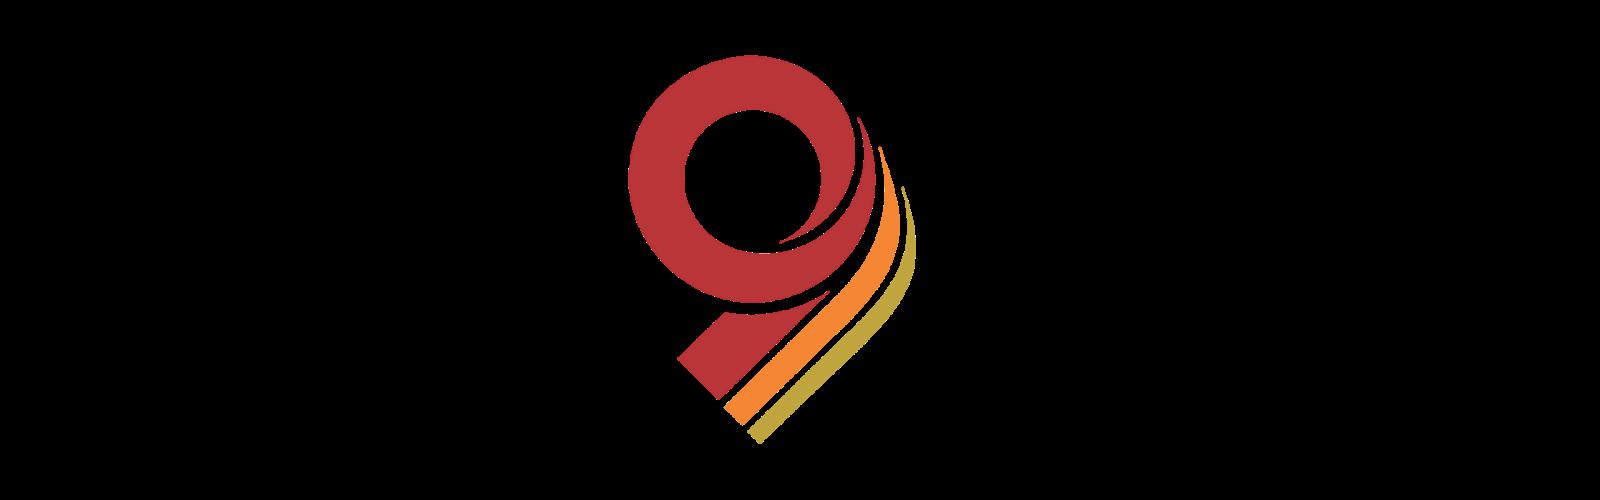 Logo Bank Jambi Format PNG